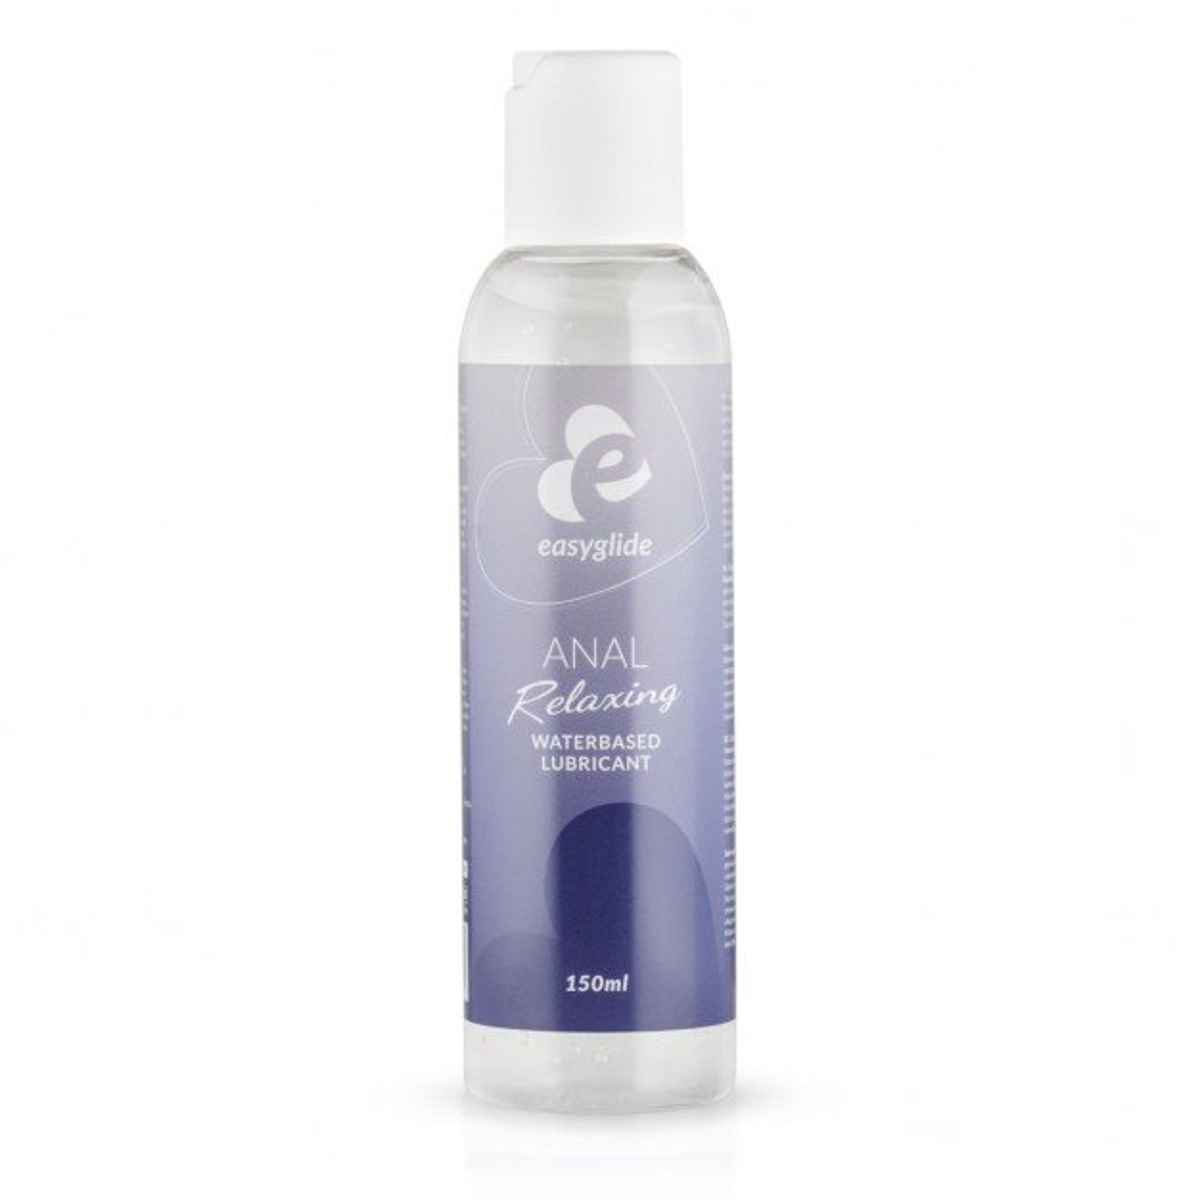 EasyGlide Anal Relaxing Lubricant 150 ml, anální lubrikační gel na vodní bázi